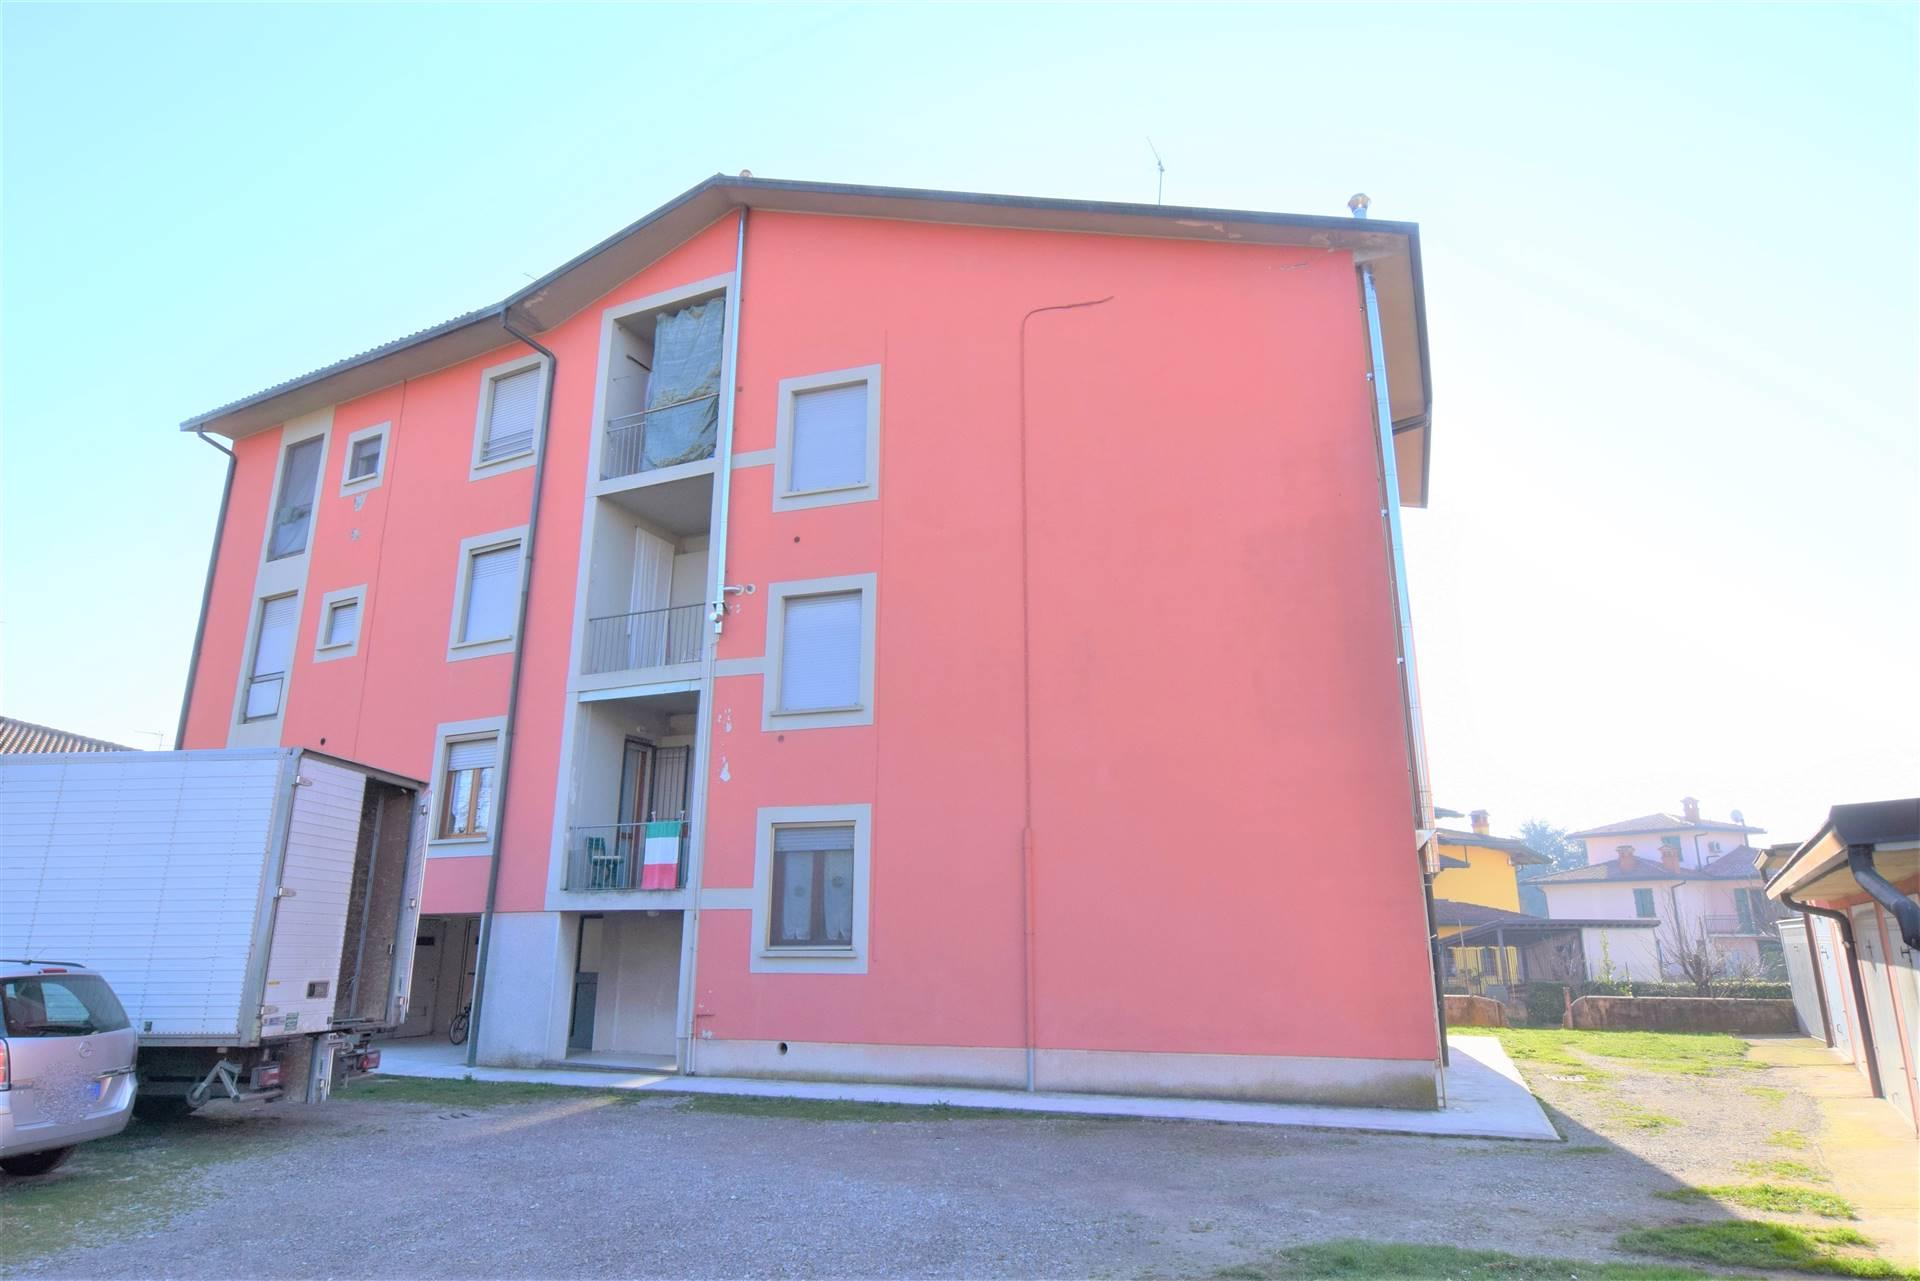 Appartamento in vendita a Mozzanica, 3 locali, prezzo € 45.000 | PortaleAgenzieImmobiliari.it